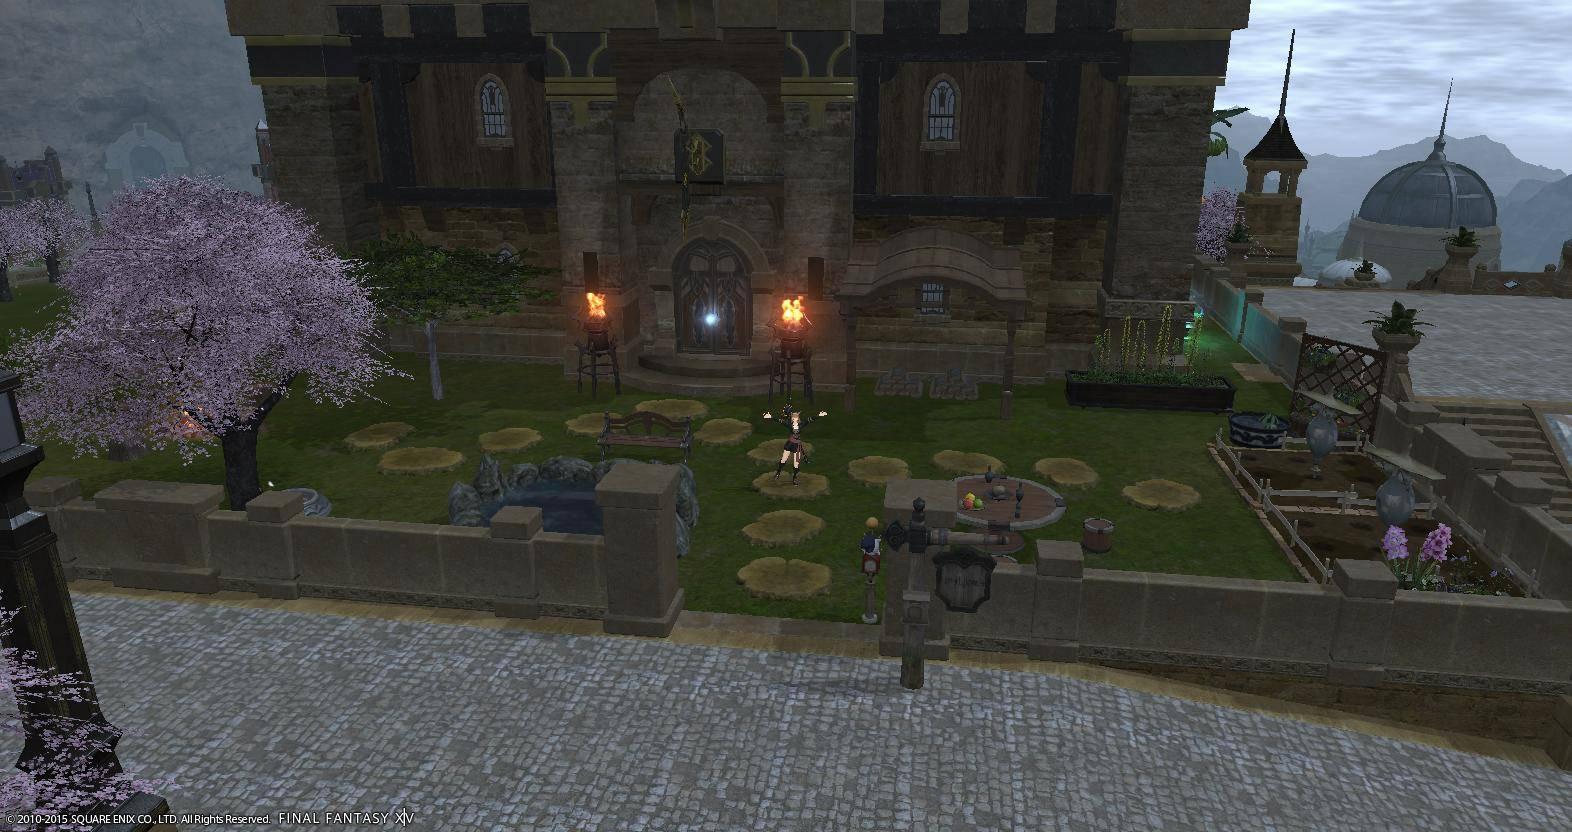 Showcasing your Final Fantasy XIV House - ff14gilhub com